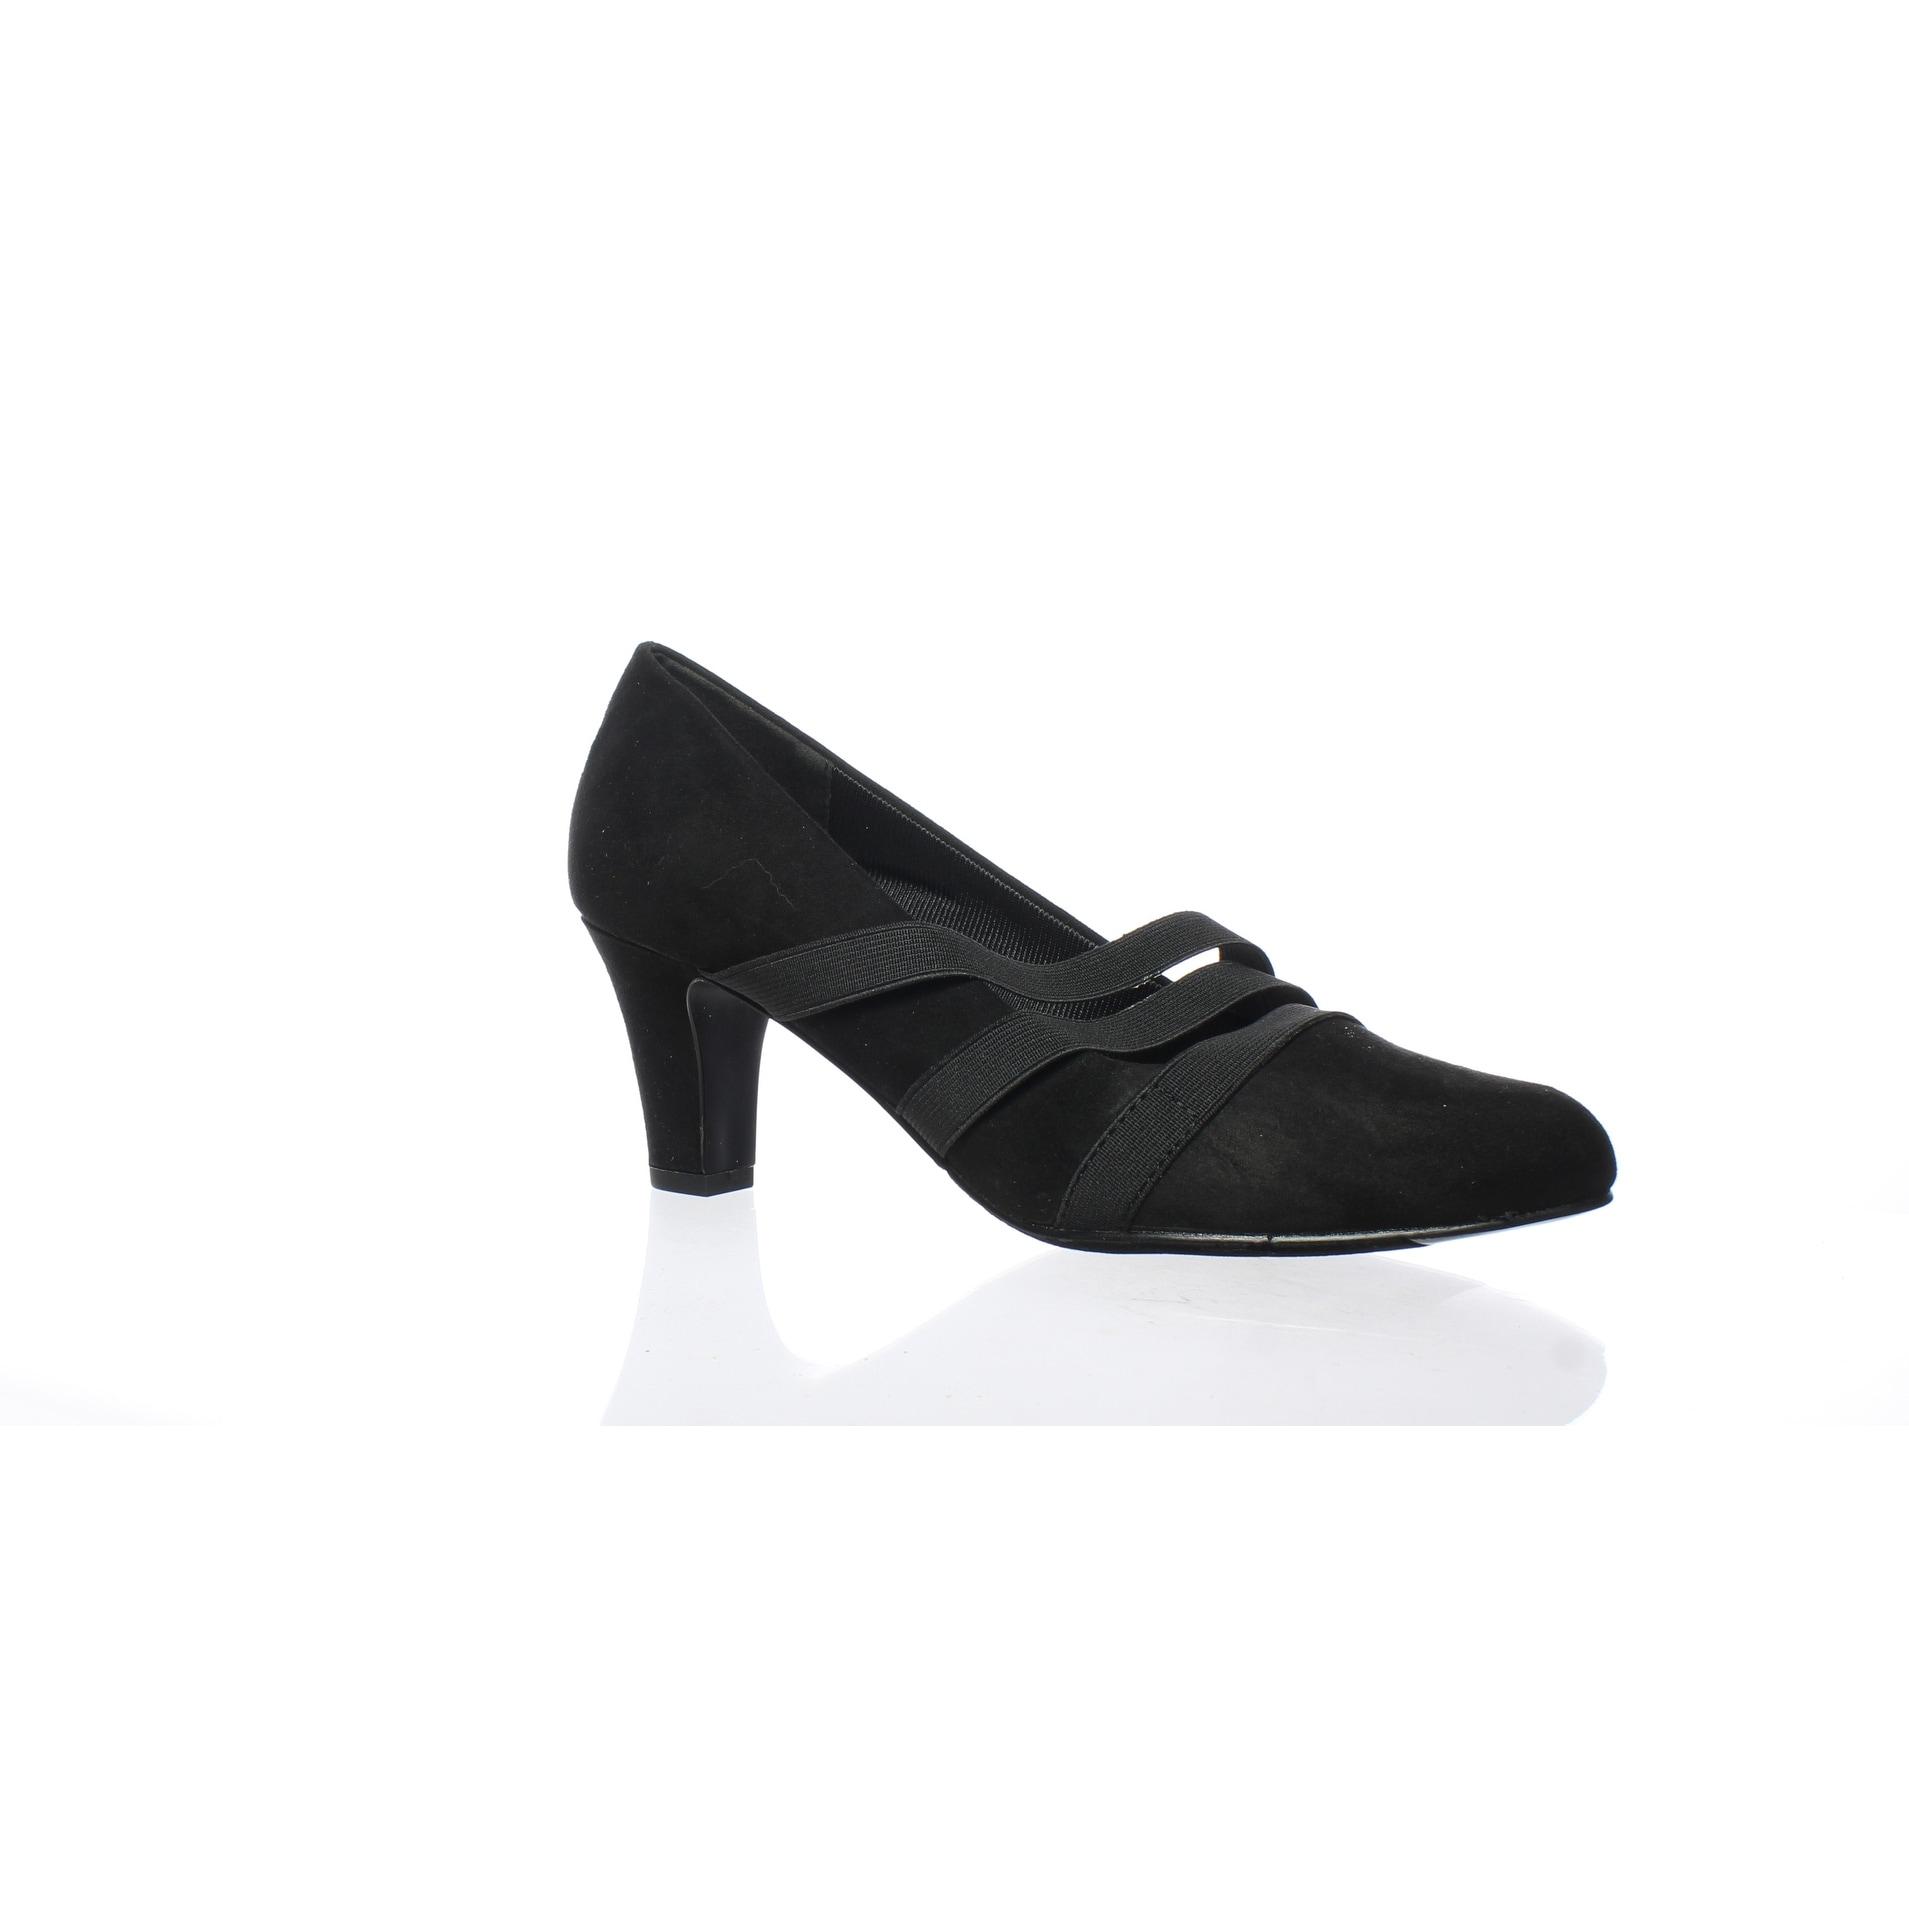 13315df7f2f8 Buy Easy Spirit Women s Heels Online at Overstock